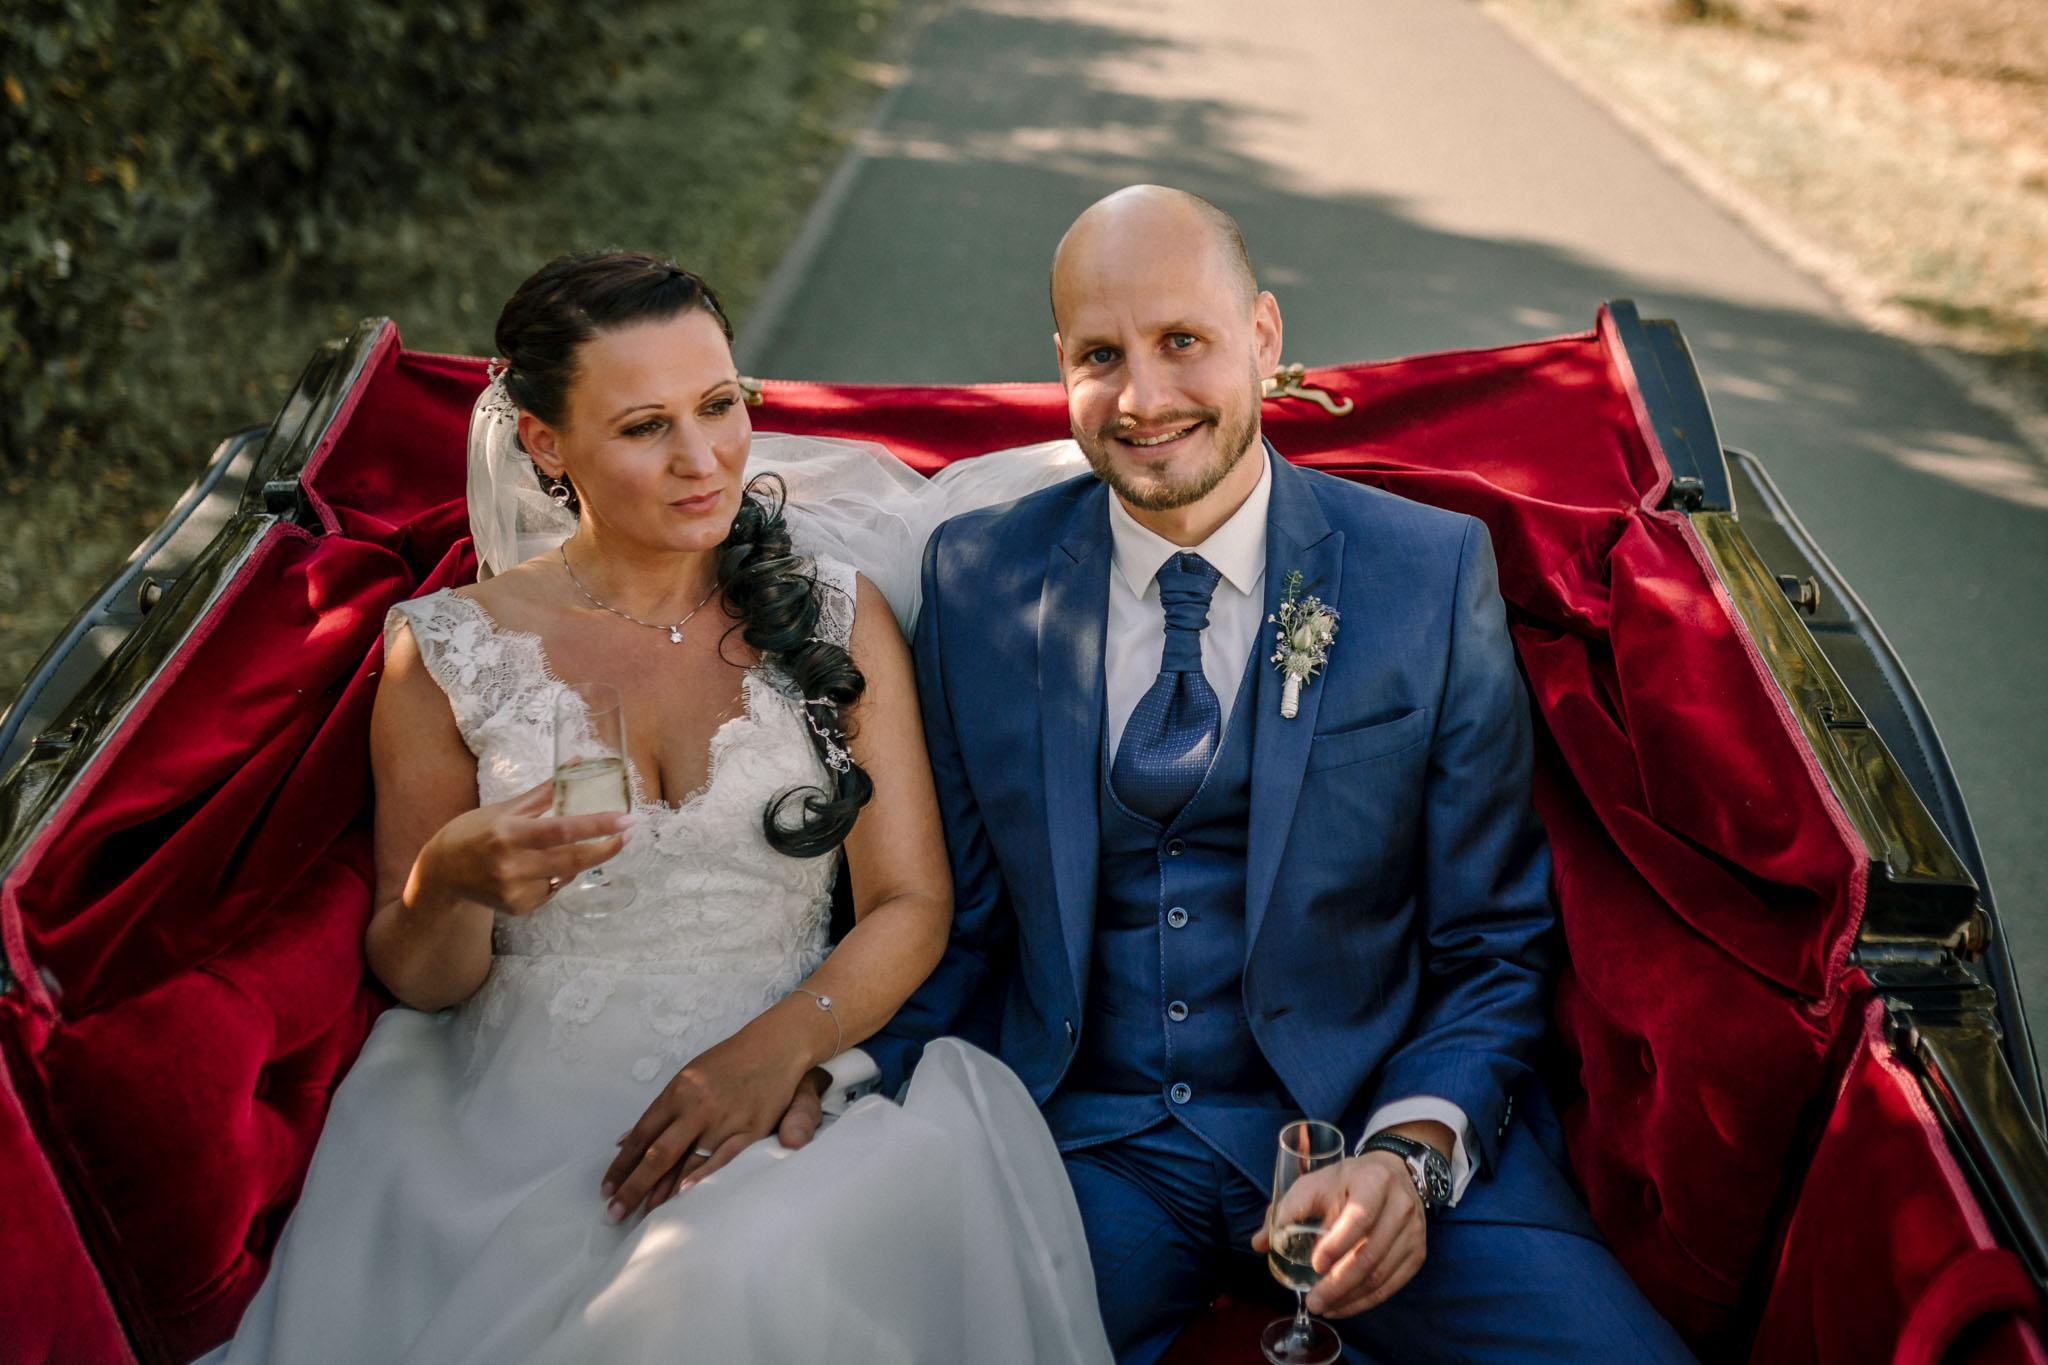 Hochzeitsfieber by Photo-Schomburg, Hochzeitsfotograf, Hamburg,Hochzeitstag, Hochzeitspaar, Braut, Bräutigam, Literaturhauscafe Zarrentin-91